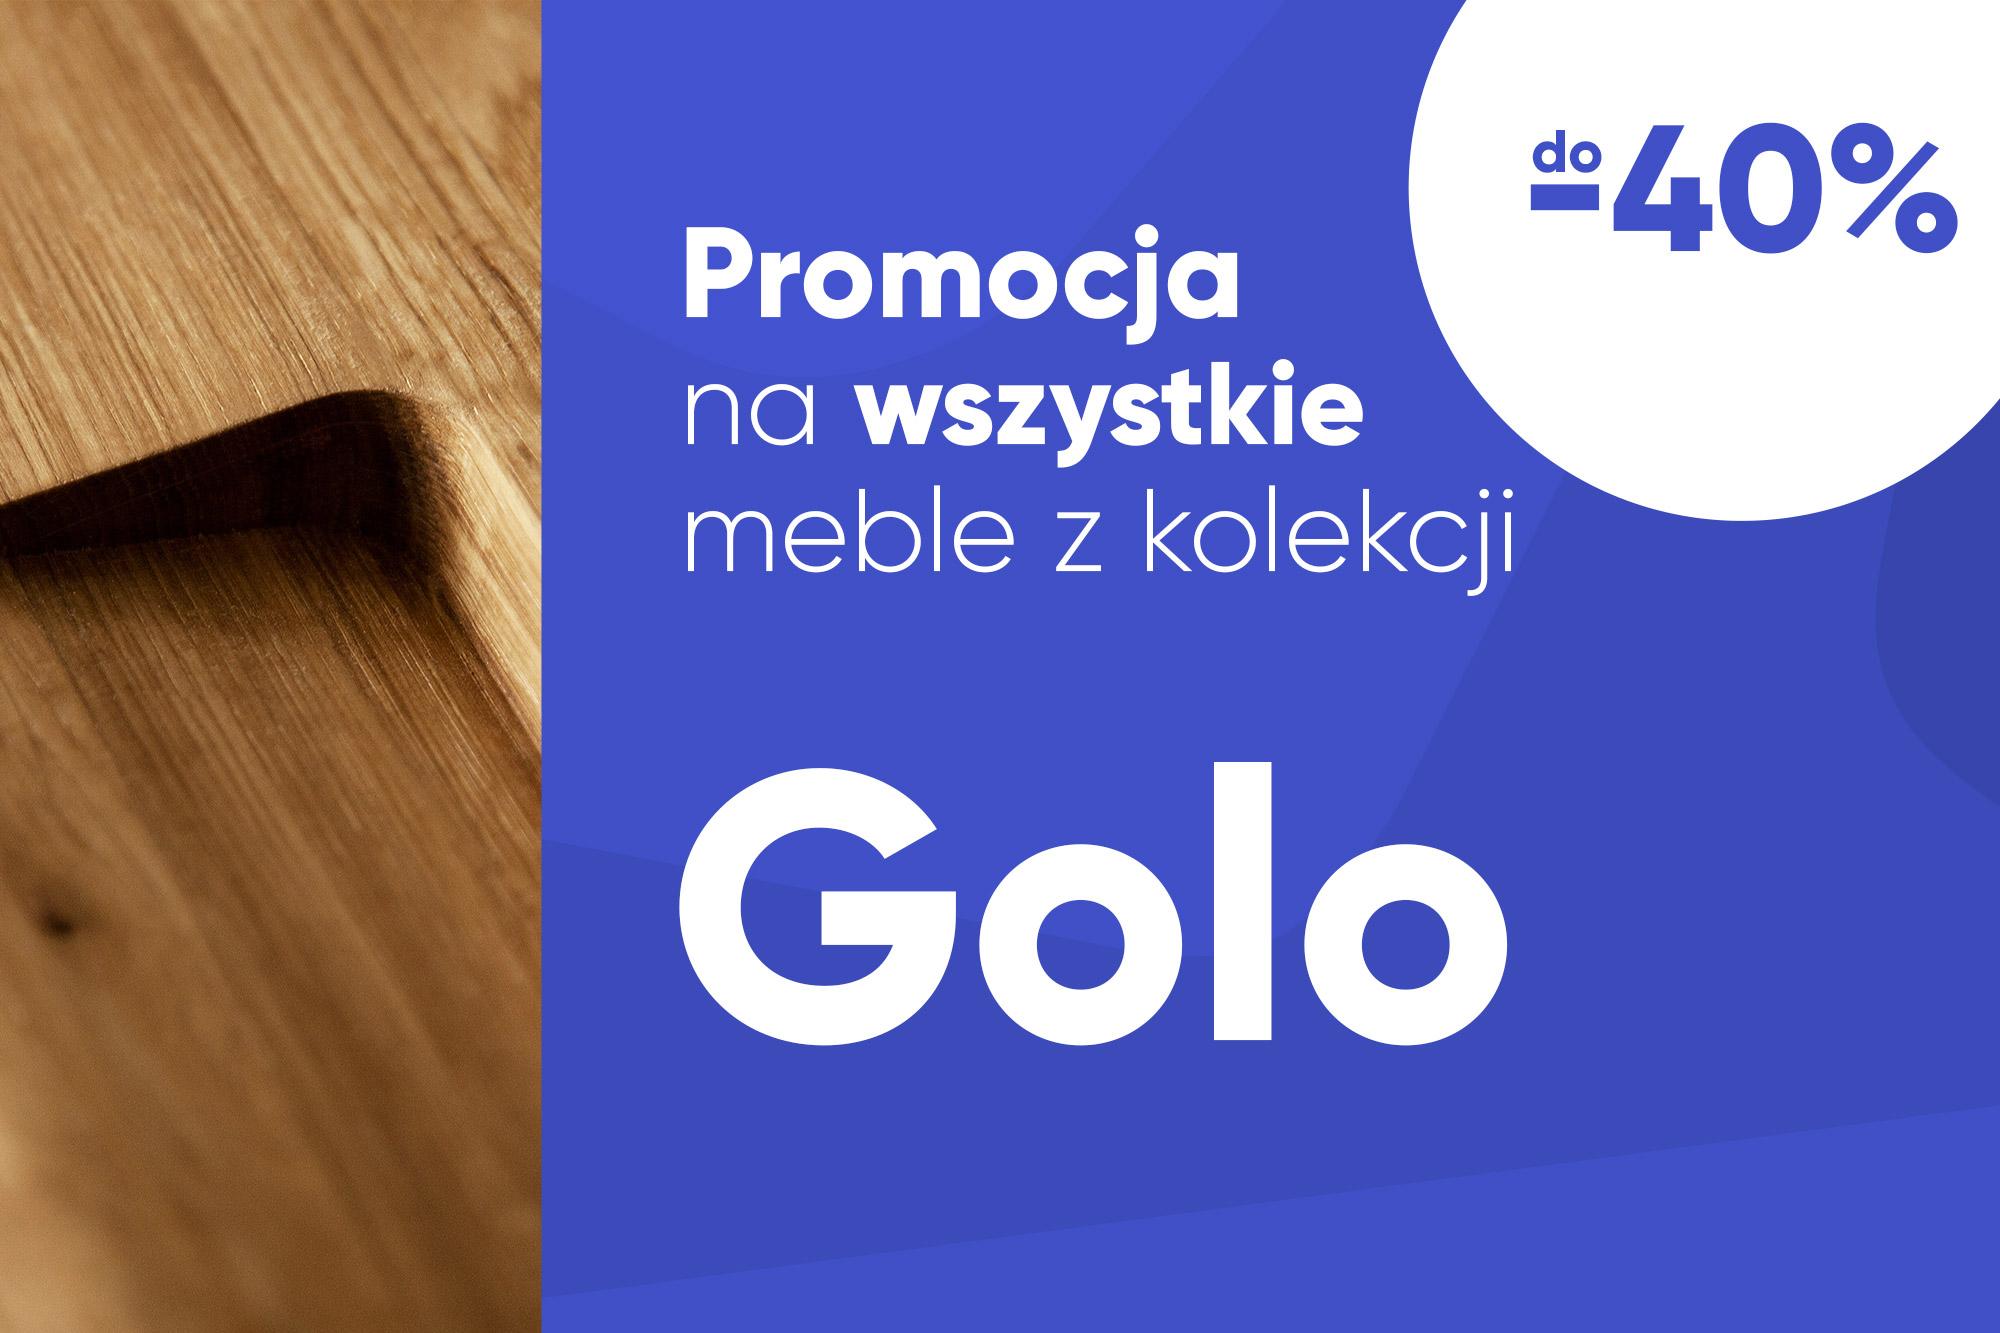 Zdjęcie 1 - GOLO - Kolekcja mebli do jadalni z drewna litego